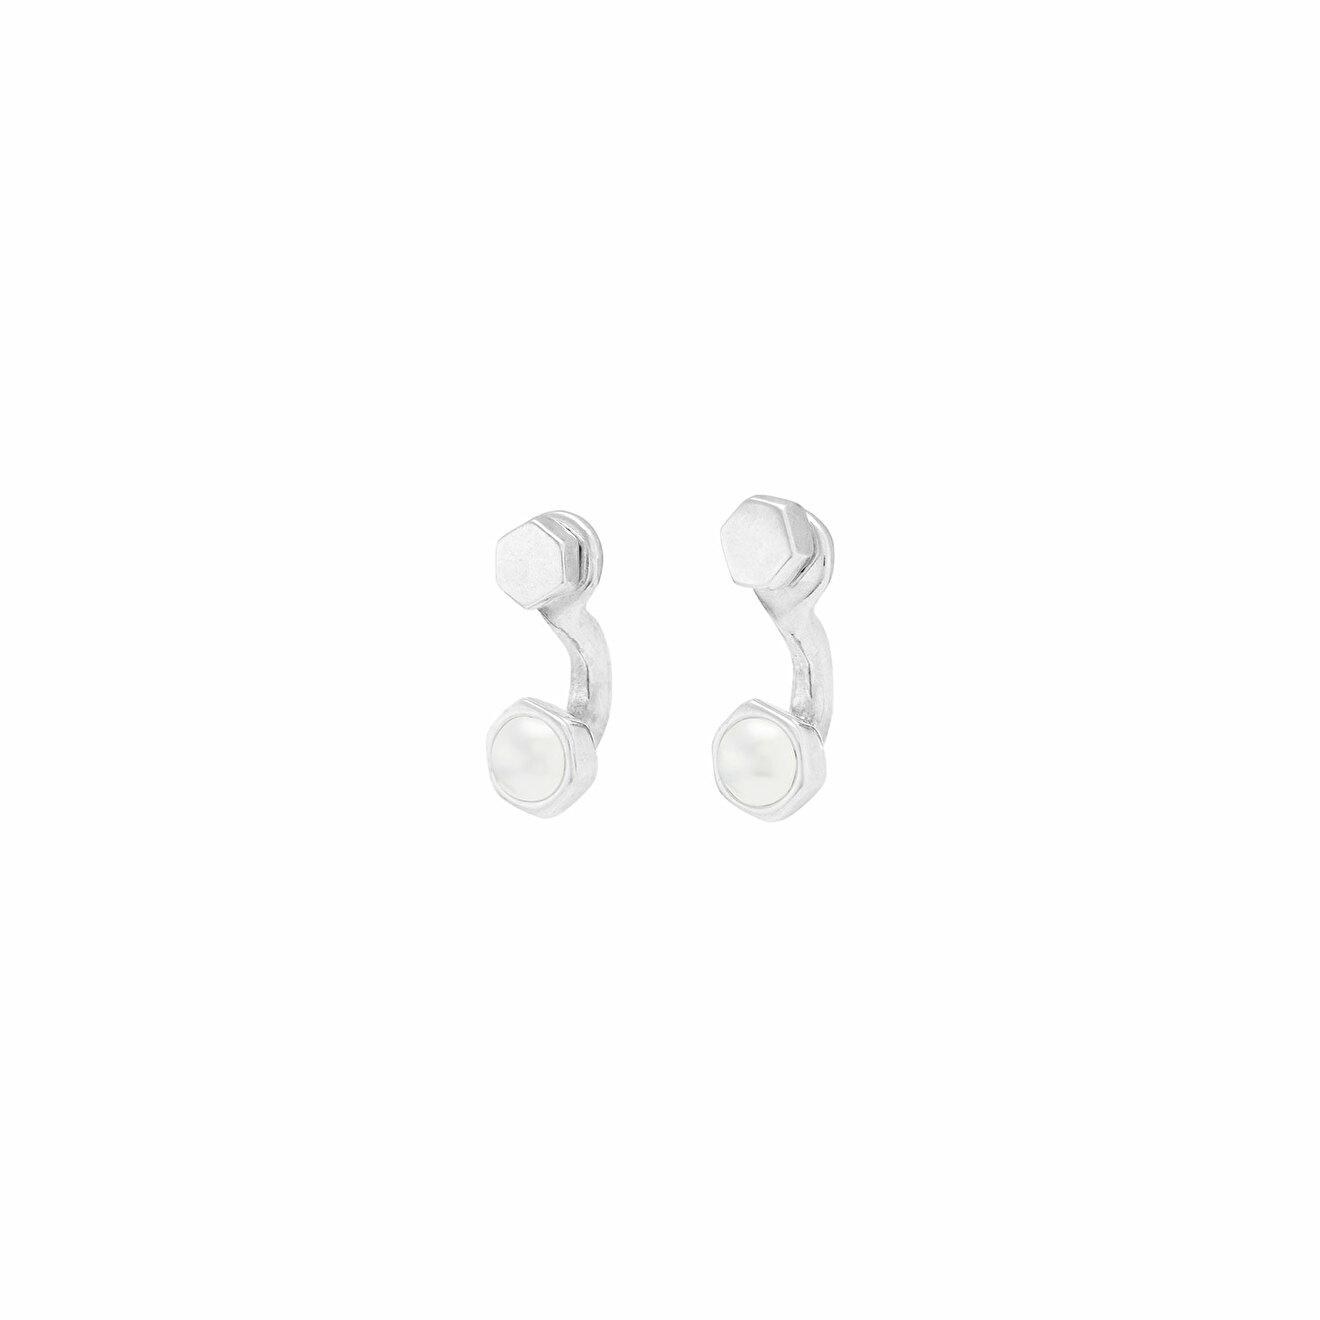 Unode50 Покрытые серебром серьги с синтетическим жемчугом Meant to Be unode50 покрытое серебром короткое ожерелье с подвесками и синтетическим жемчугом moody